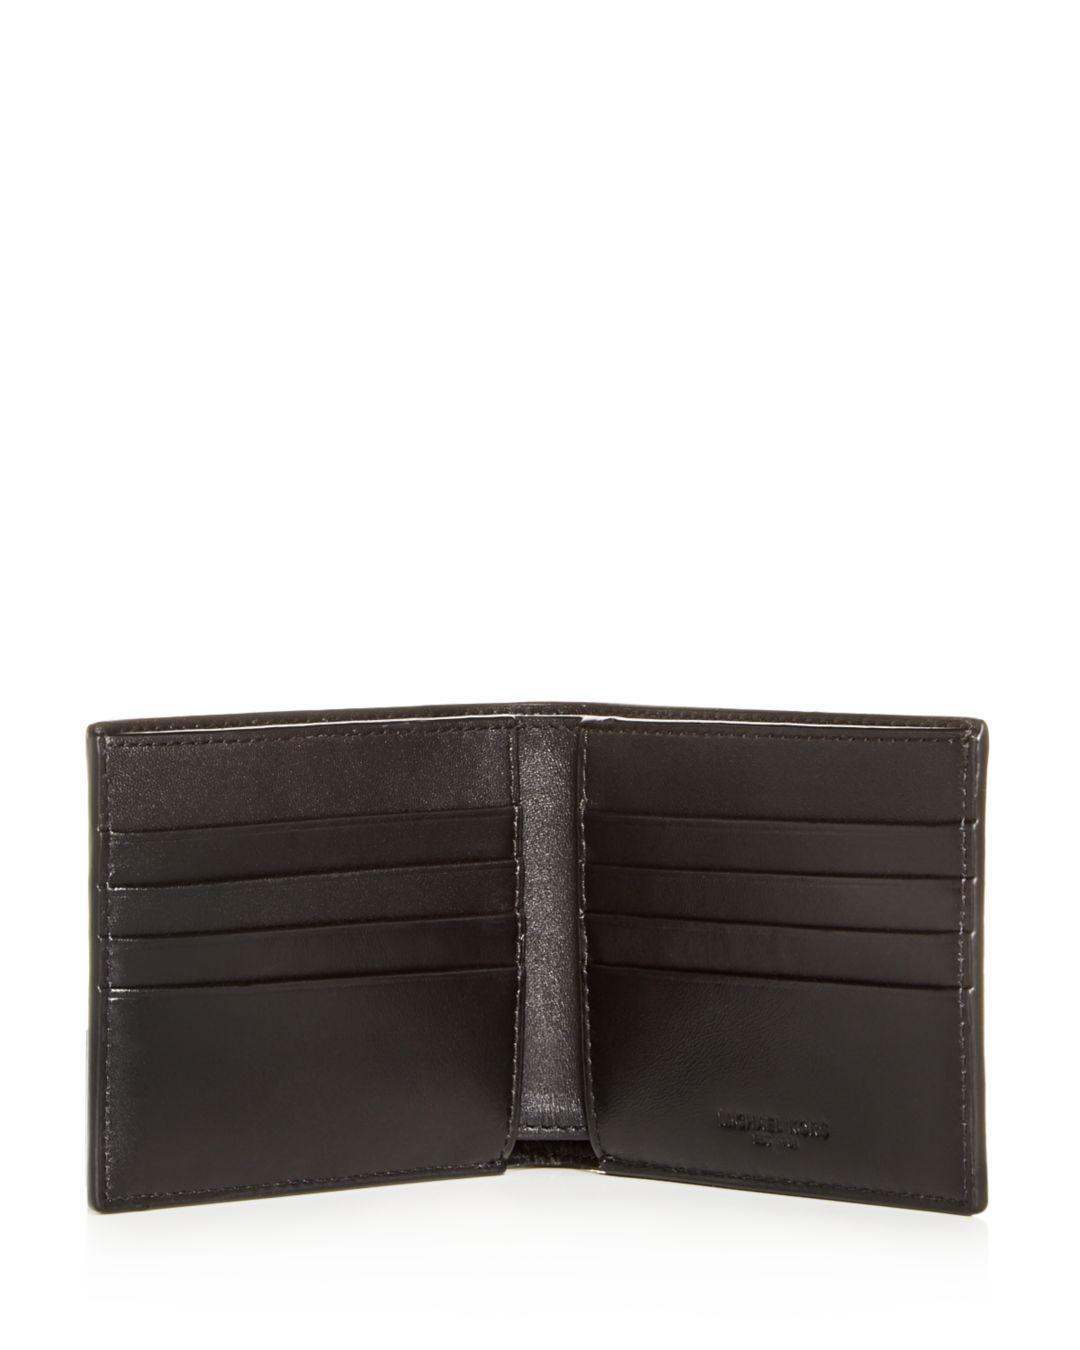 7ab2a8202ac1 Lyst - Michael Kors Harrison Crossgrain Leather Bi-fold Wallet in Black for  Men